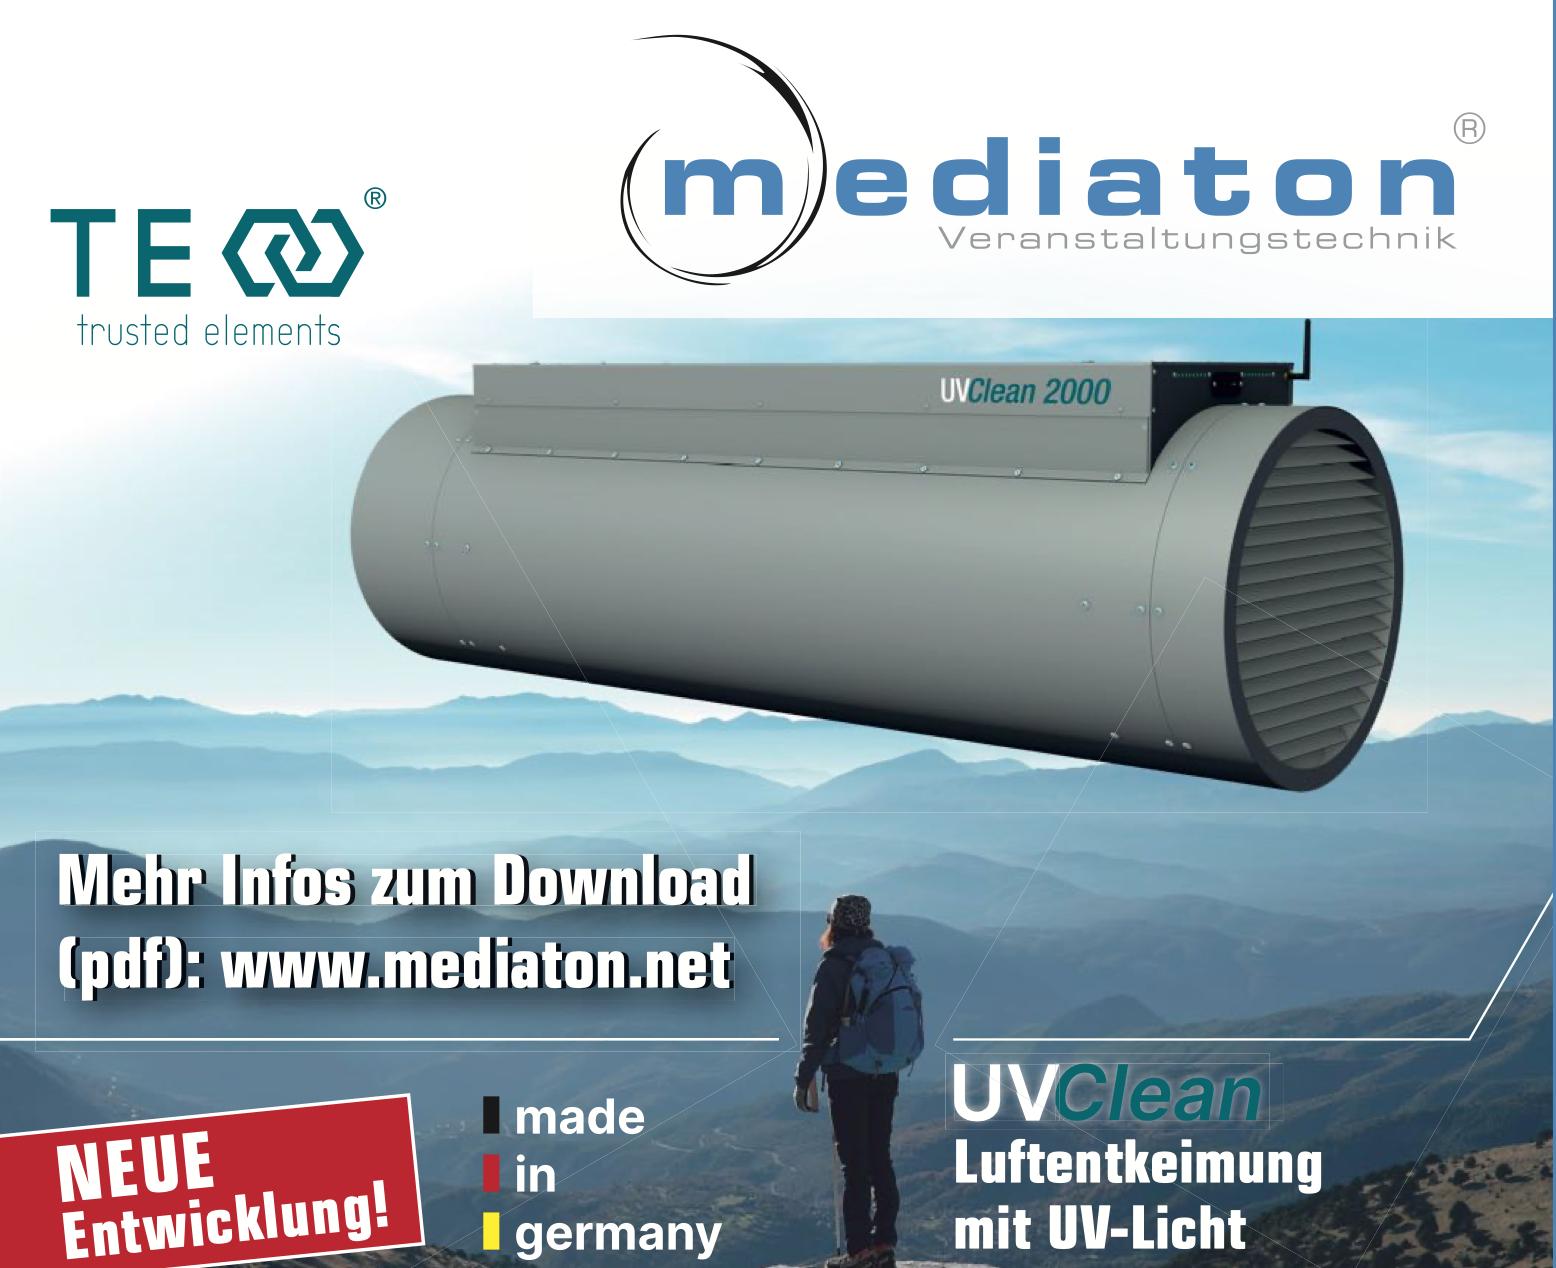 Mediaton - TE-UVC-Entkeimung - Luftentlkeimung mit UV-Licht